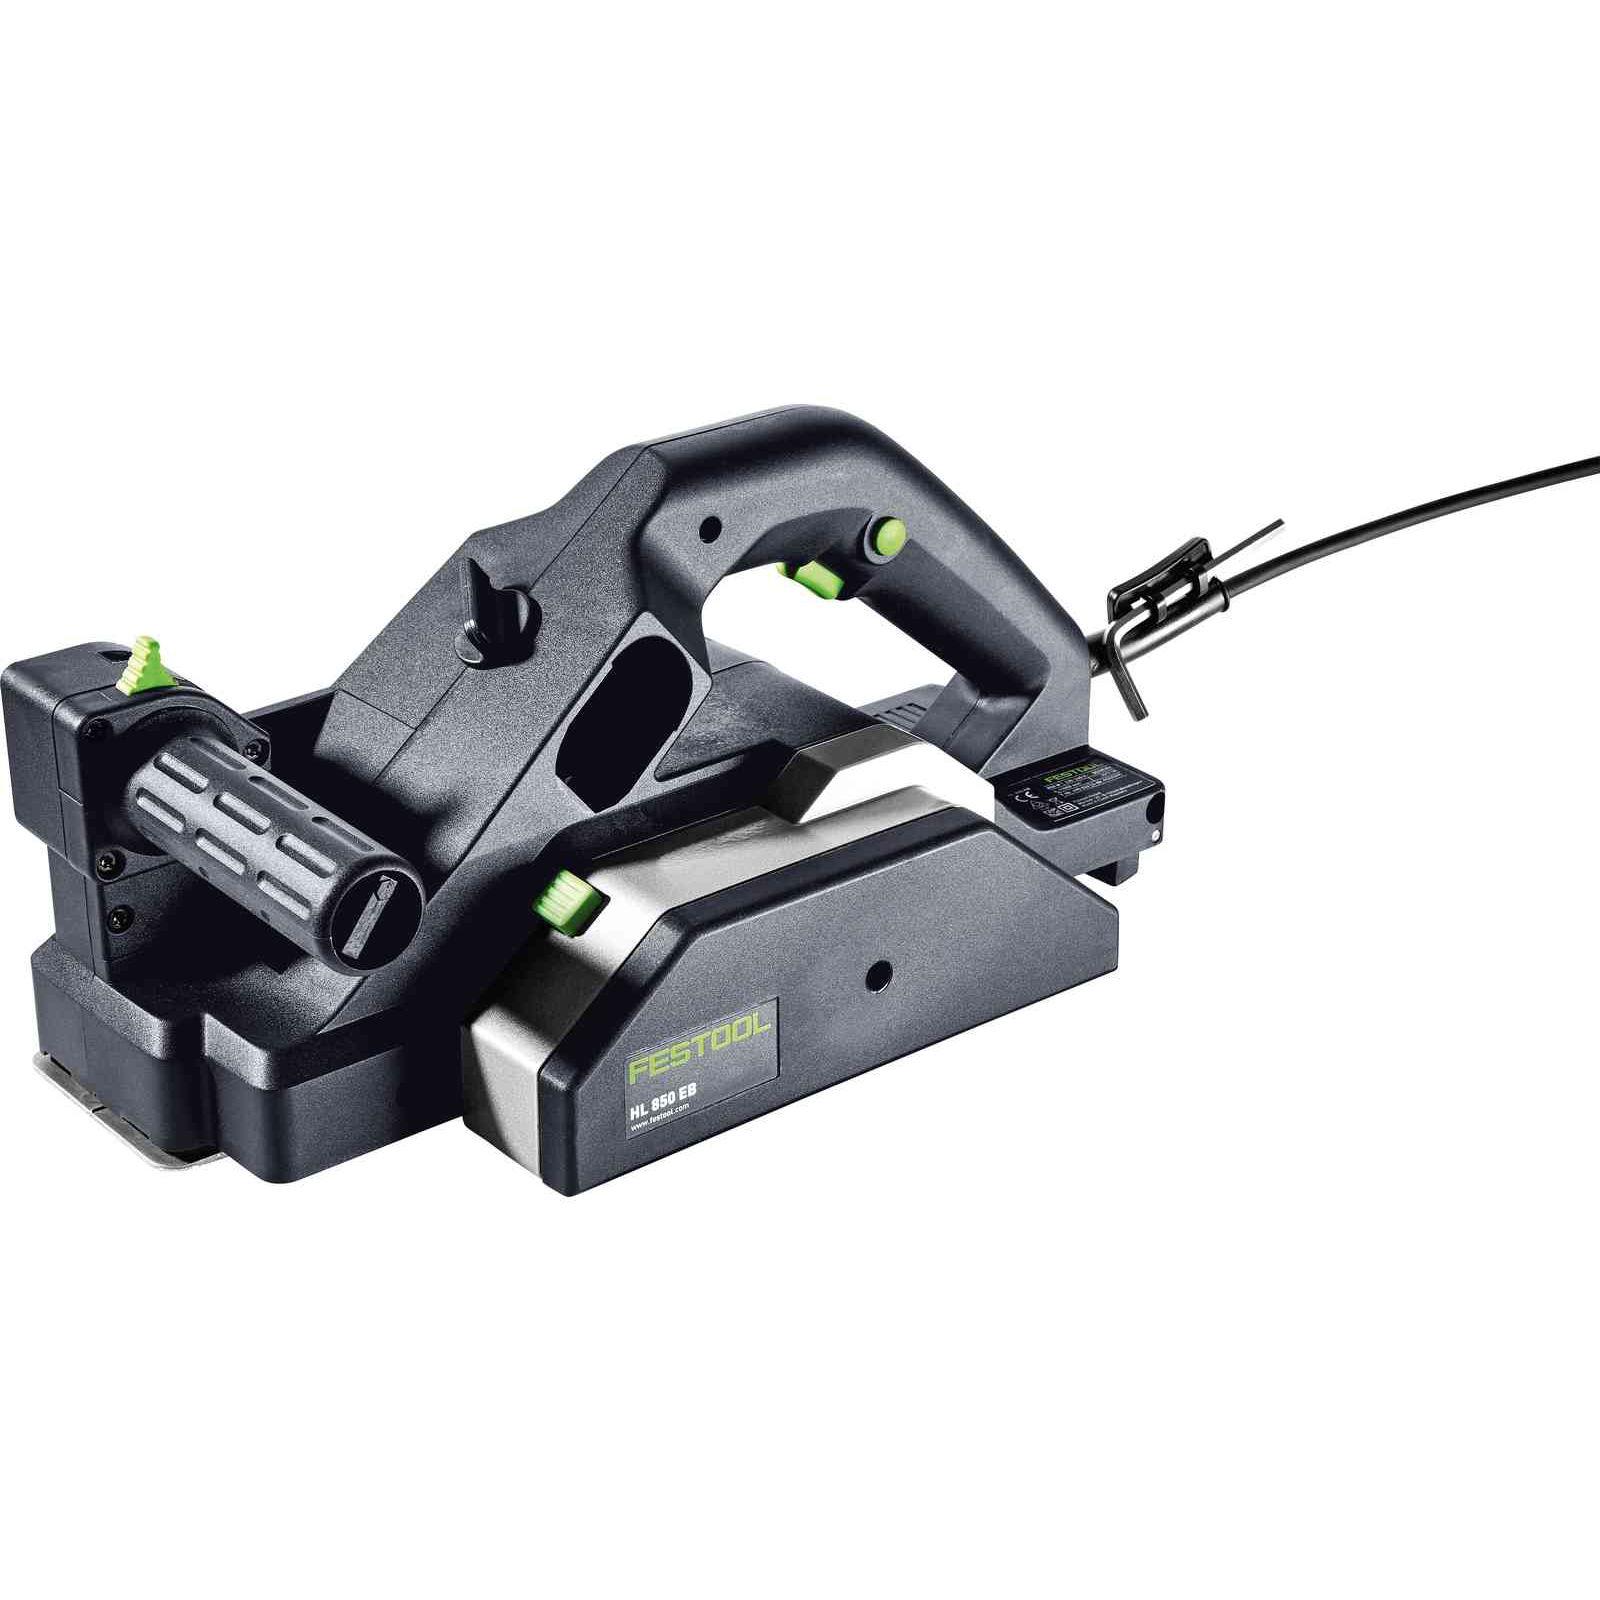 Festool HL 850 EB-Plus Hyvel